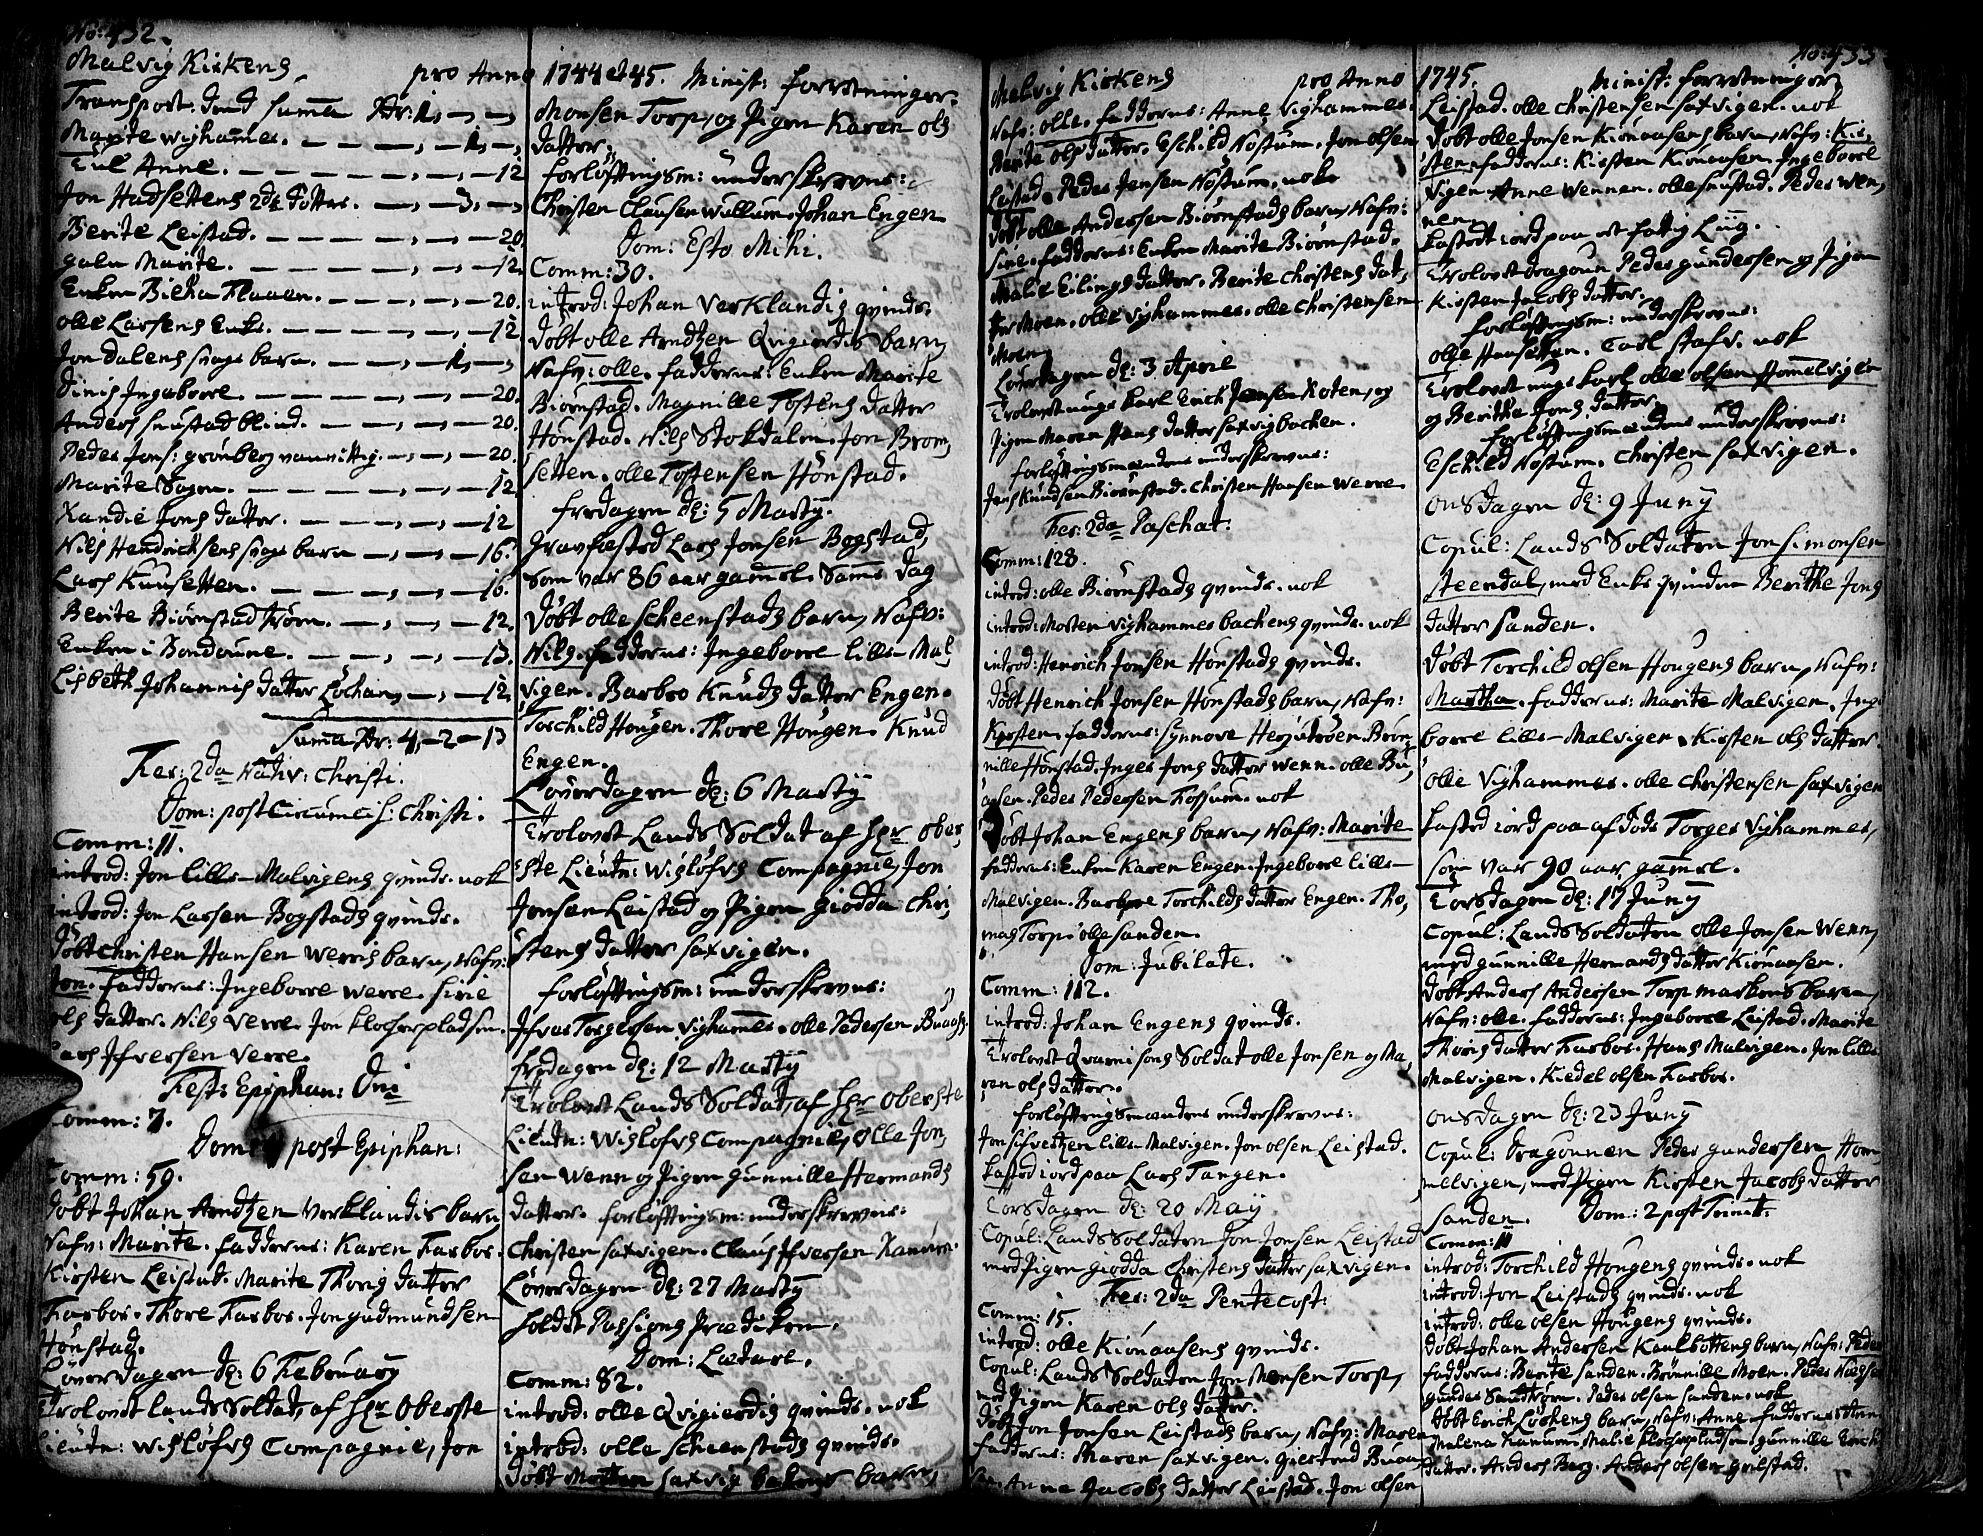 SAT, Ministerialprotokoller, klokkerbøker og fødselsregistre - Sør-Trøndelag, 606/L0277: Ministerialbok nr. 606A01 /3, 1727-1780, s. 432-433